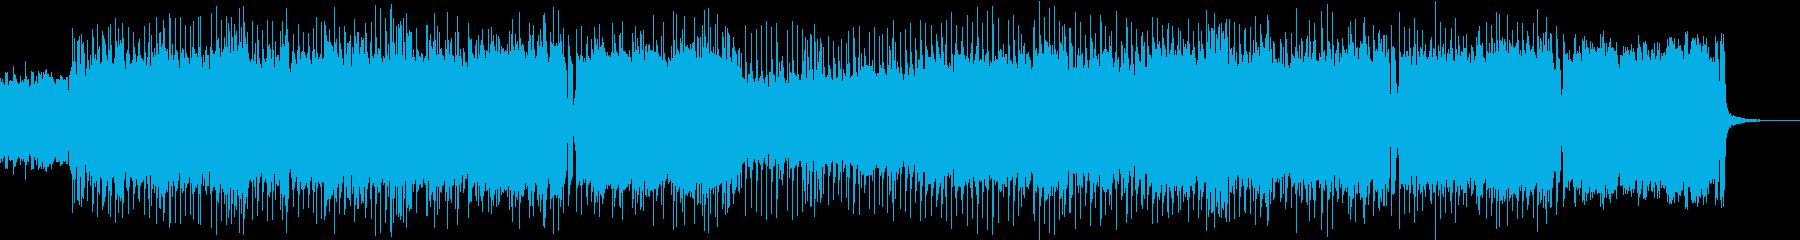 ★RPGゲーム風ハイテンポなバトルシーンの再生済みの波形